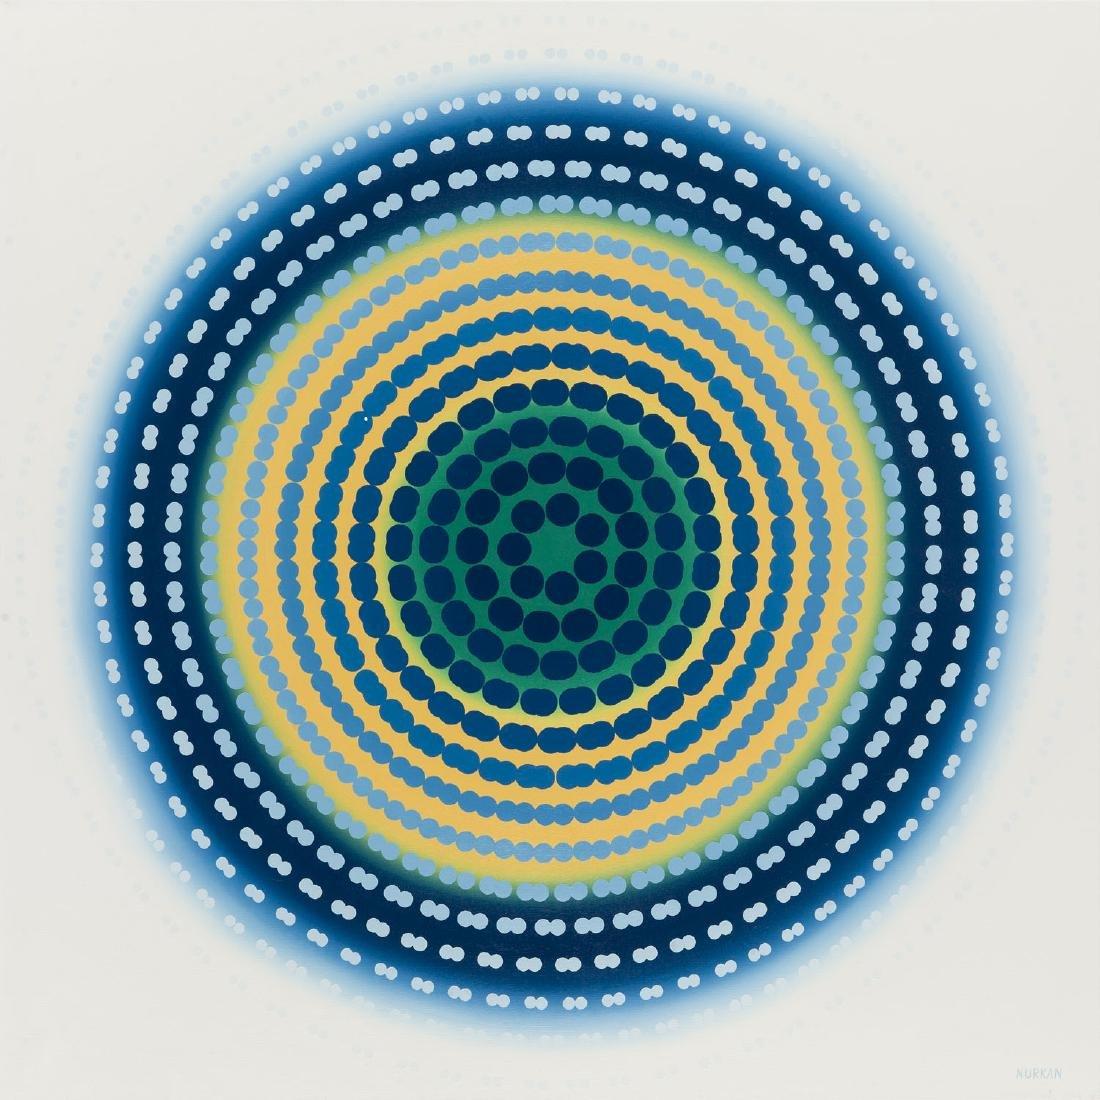 Patrycja Nurkan (b. 1988) Untitled, 2016